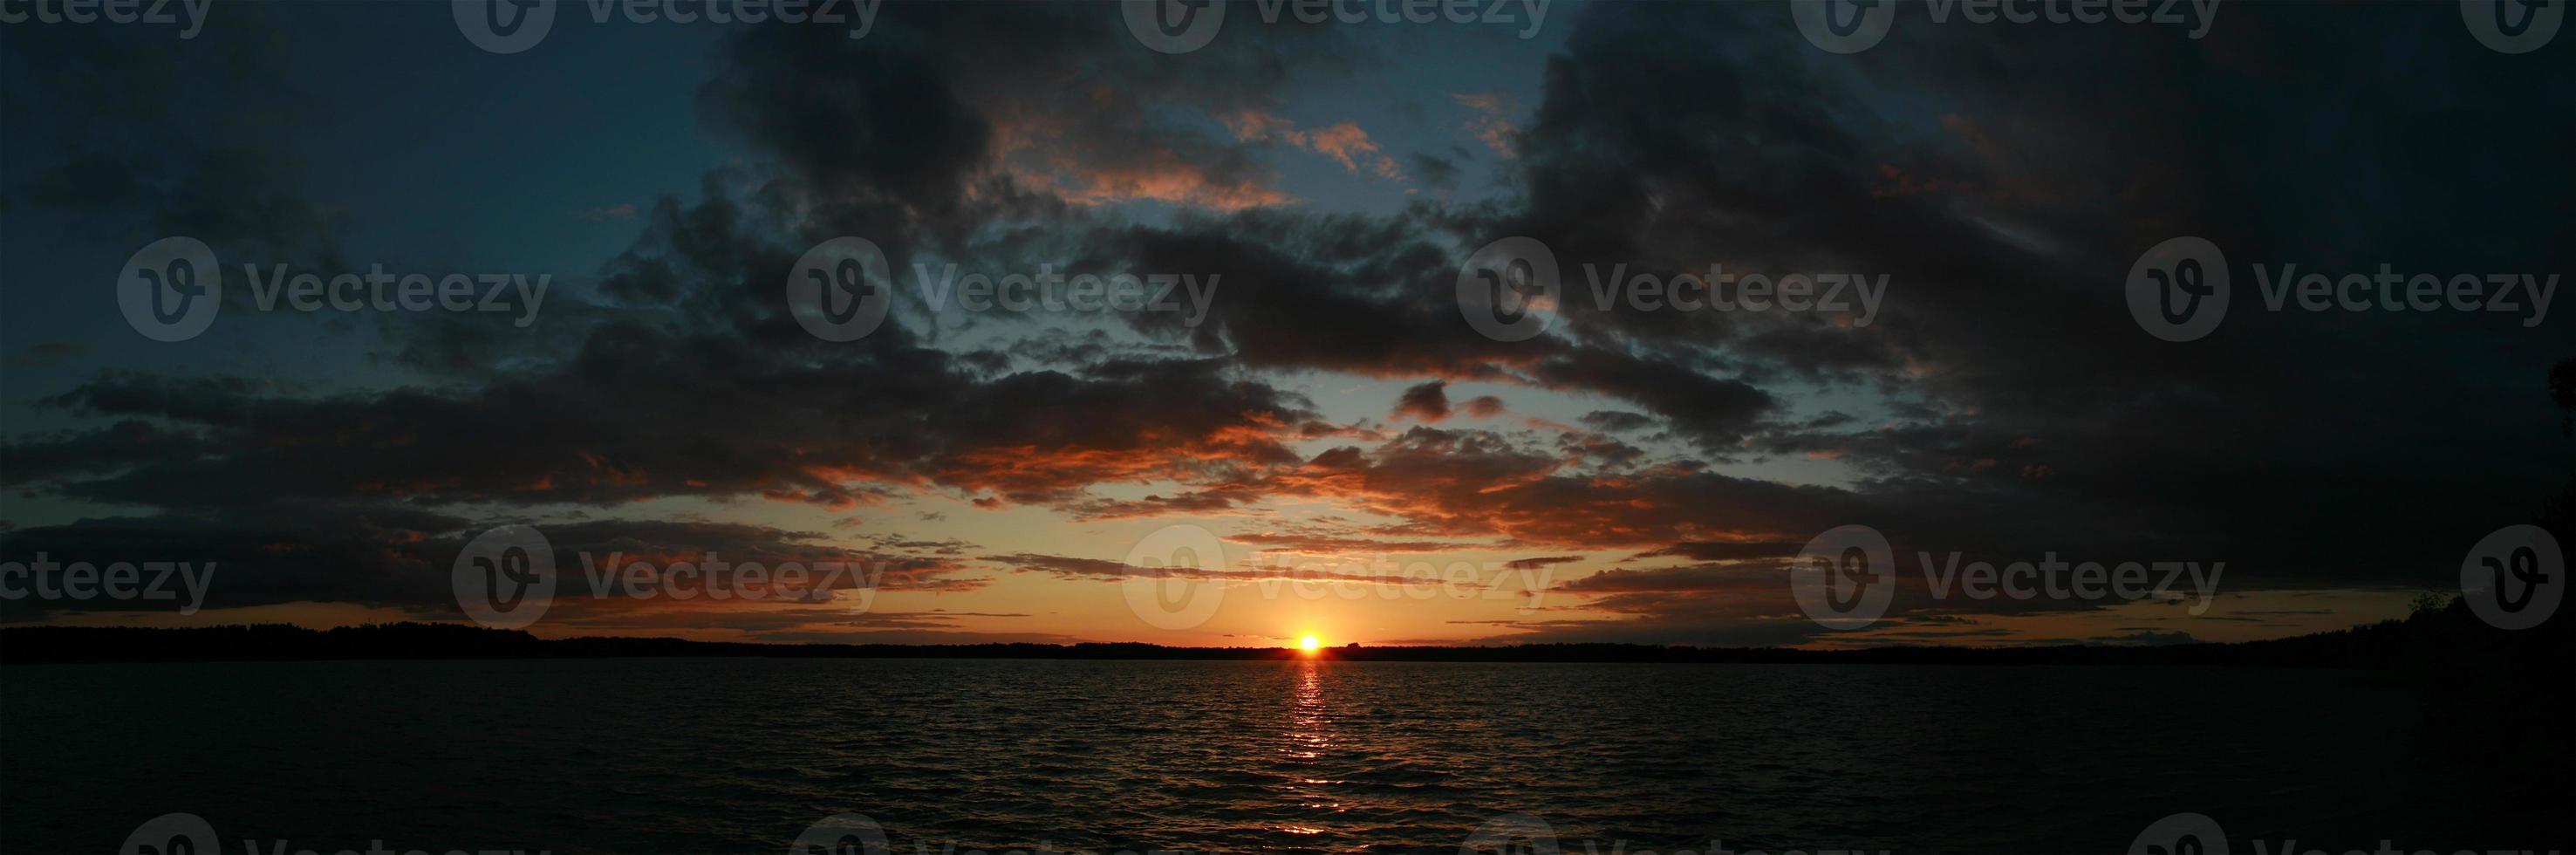 vista panorâmica do pôr do sol sobre o lago foto